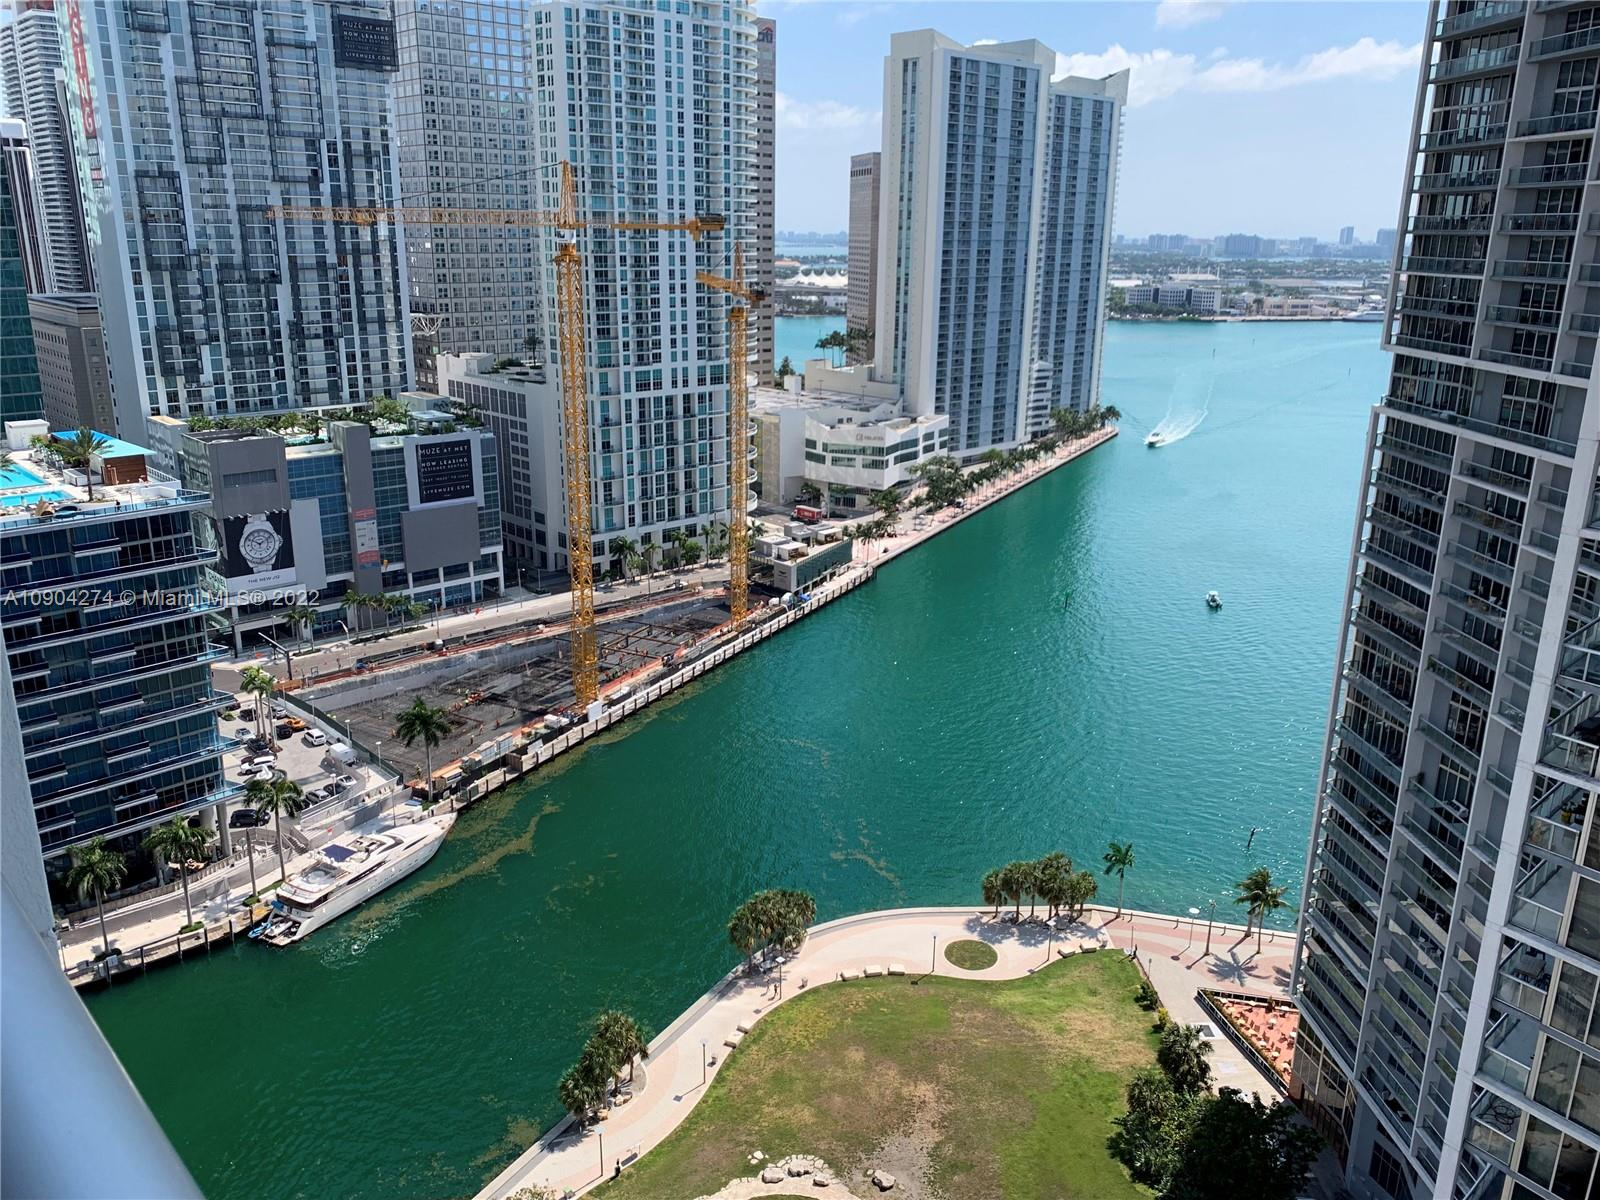 Icon Brickell 3 #2602 - 485 Brickell Ave #2602, Miami, FL 33131